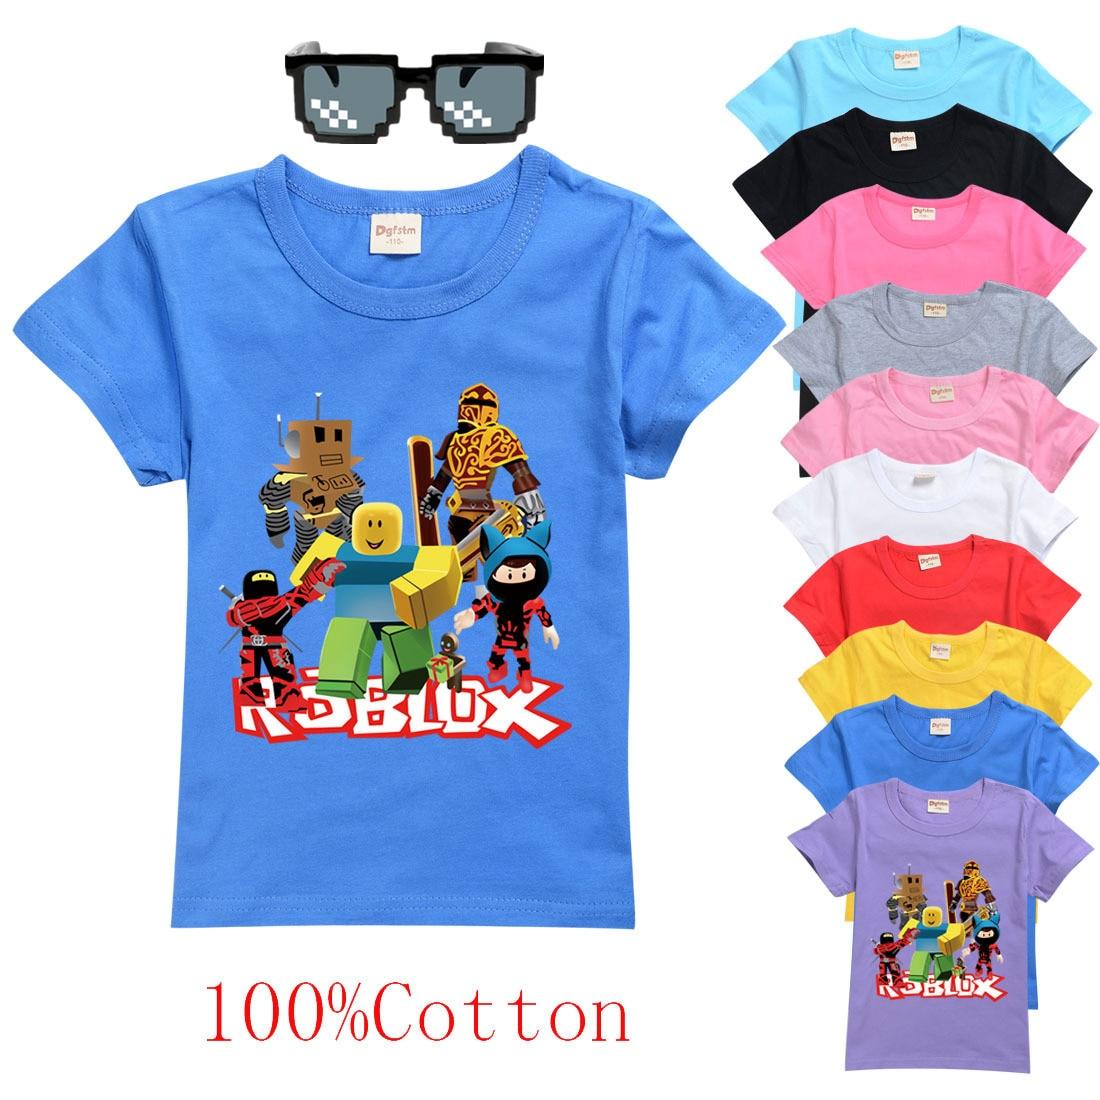 Детская футболка для мальчиков, для мальчиков и девочек, детские рубашки, Детская Хлопковая футболка ROBLOXing с героями мультфильмов, топы, оде...